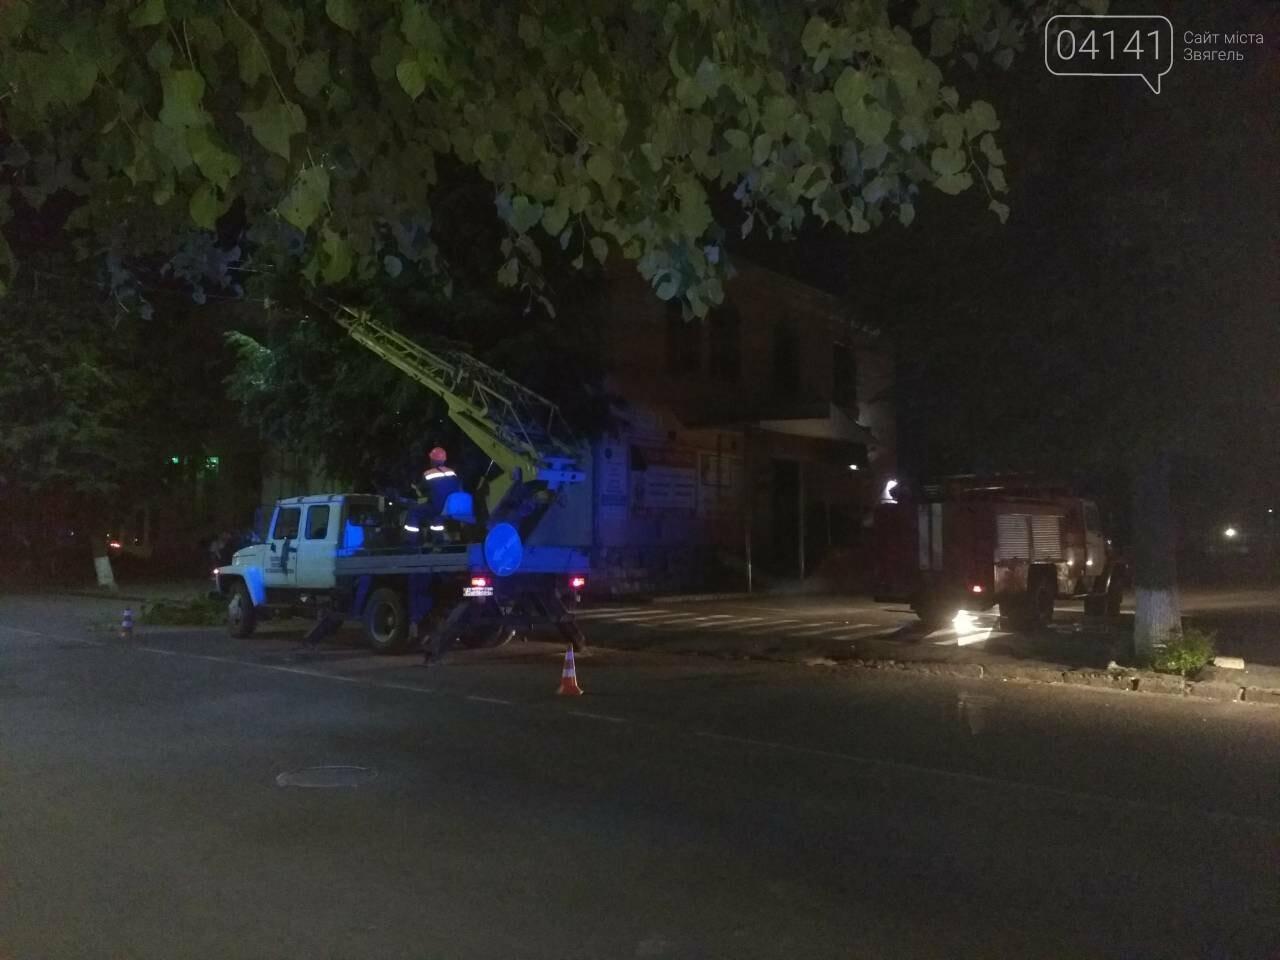 Замикання лінії електропередач ледь не призвело до пожежі в центрі Новограда-Волинського, фото-2